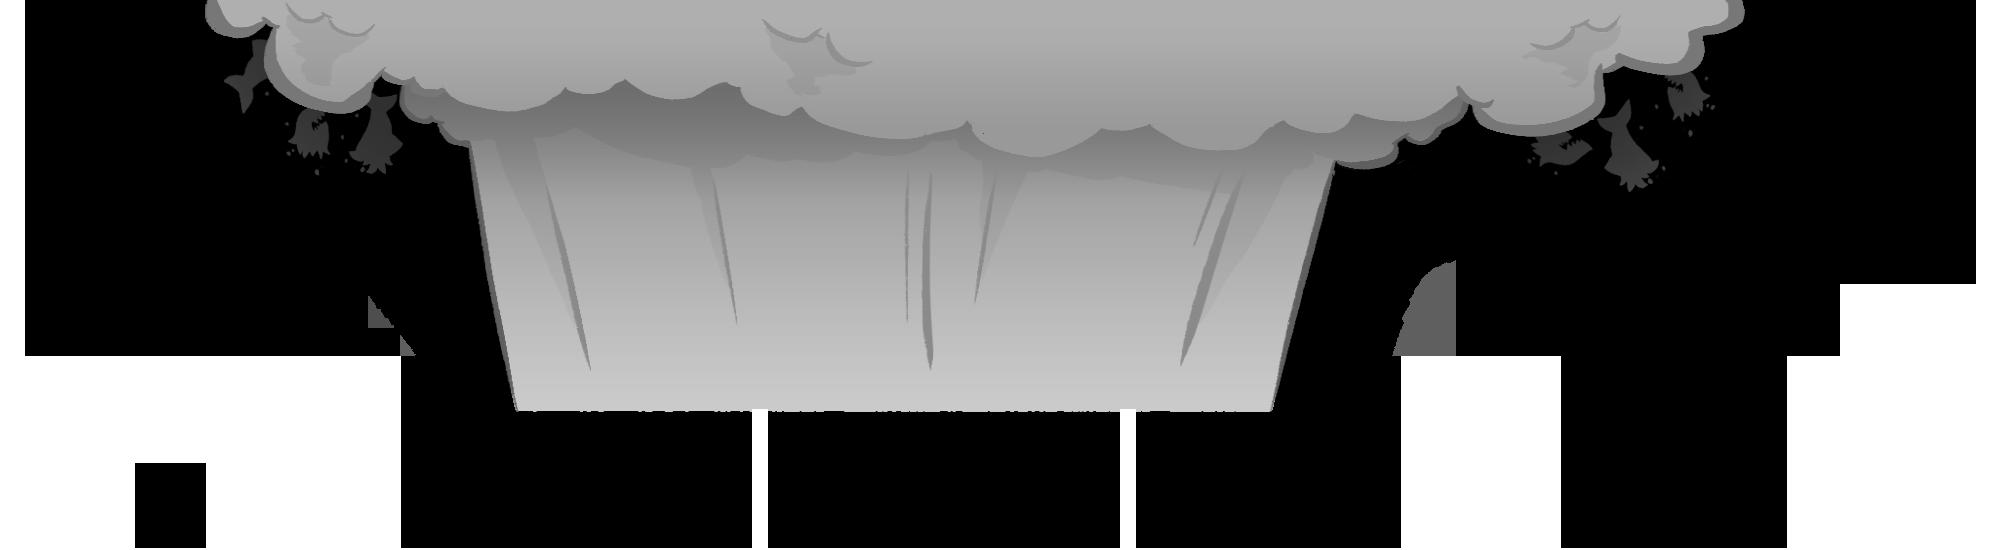 sharksplode-main-bg-3x-10